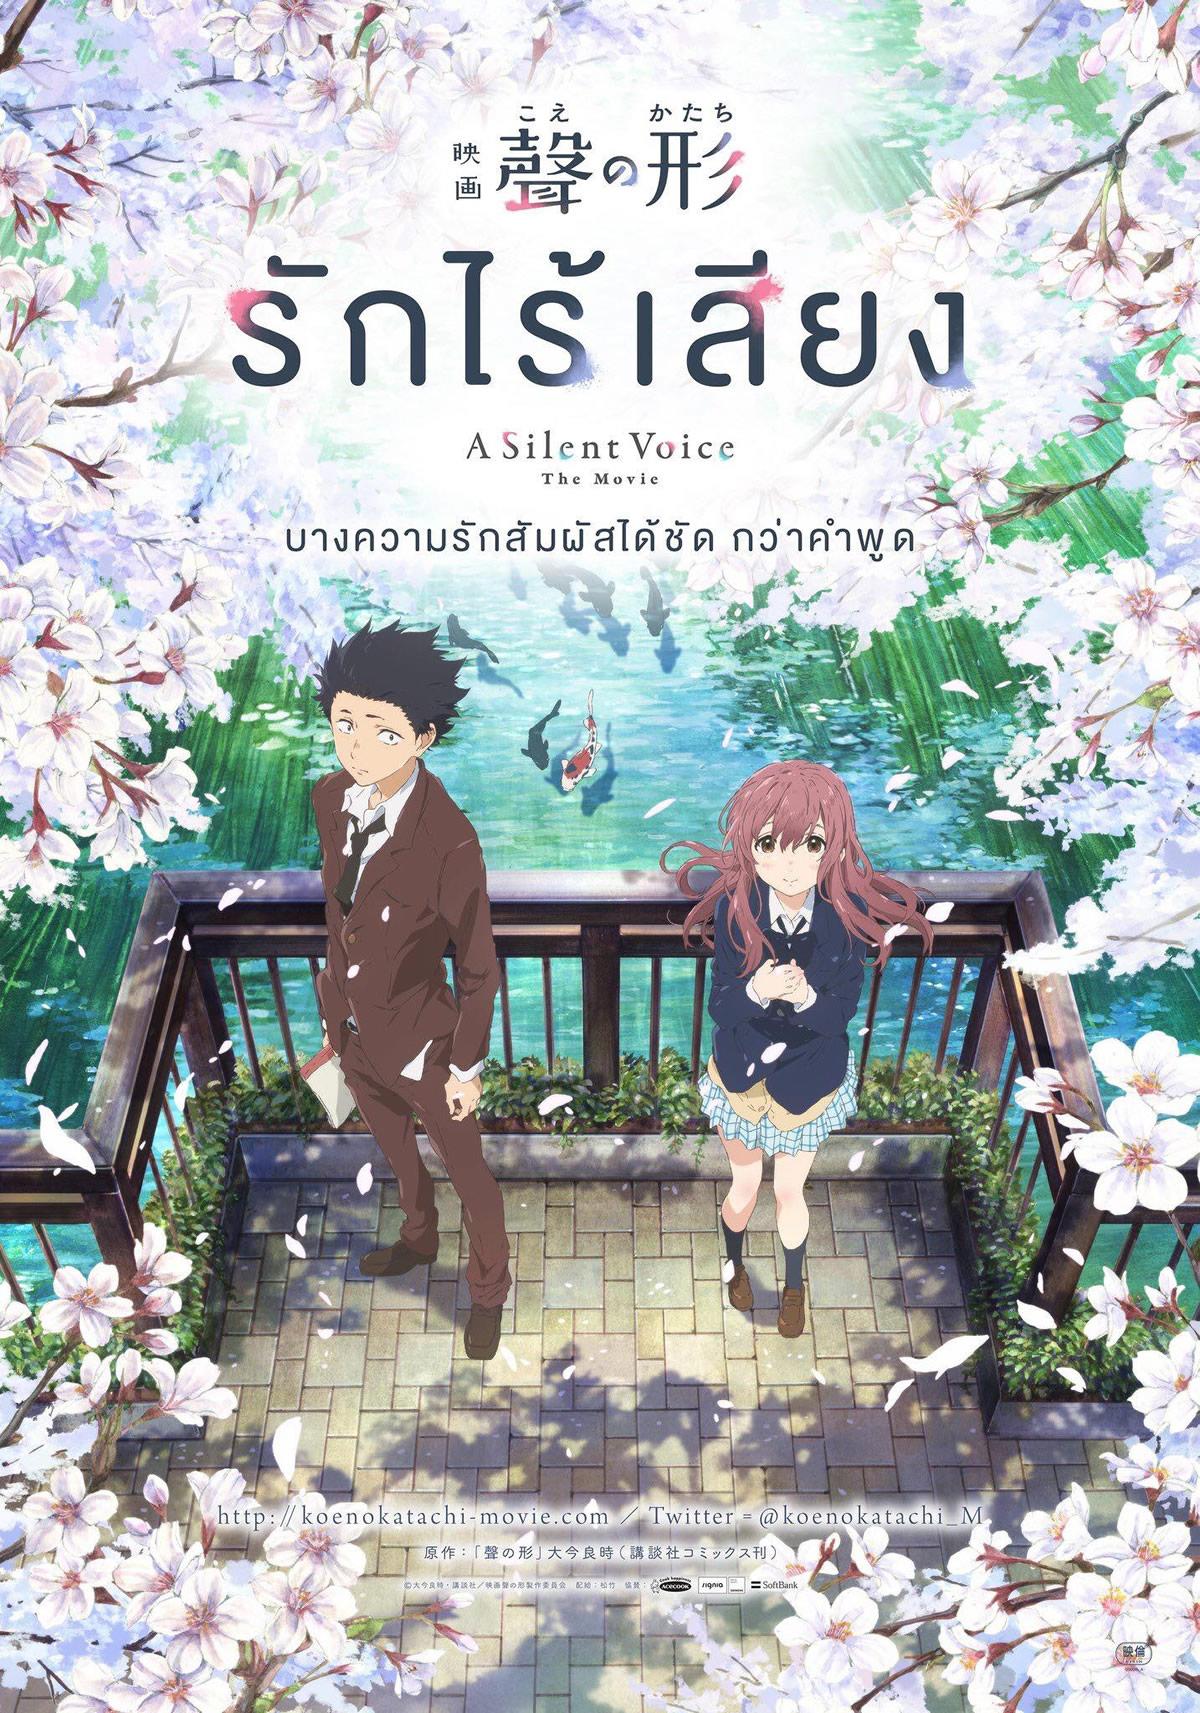 アニメ映画「聲の形」がタイで2017年3月23日公開